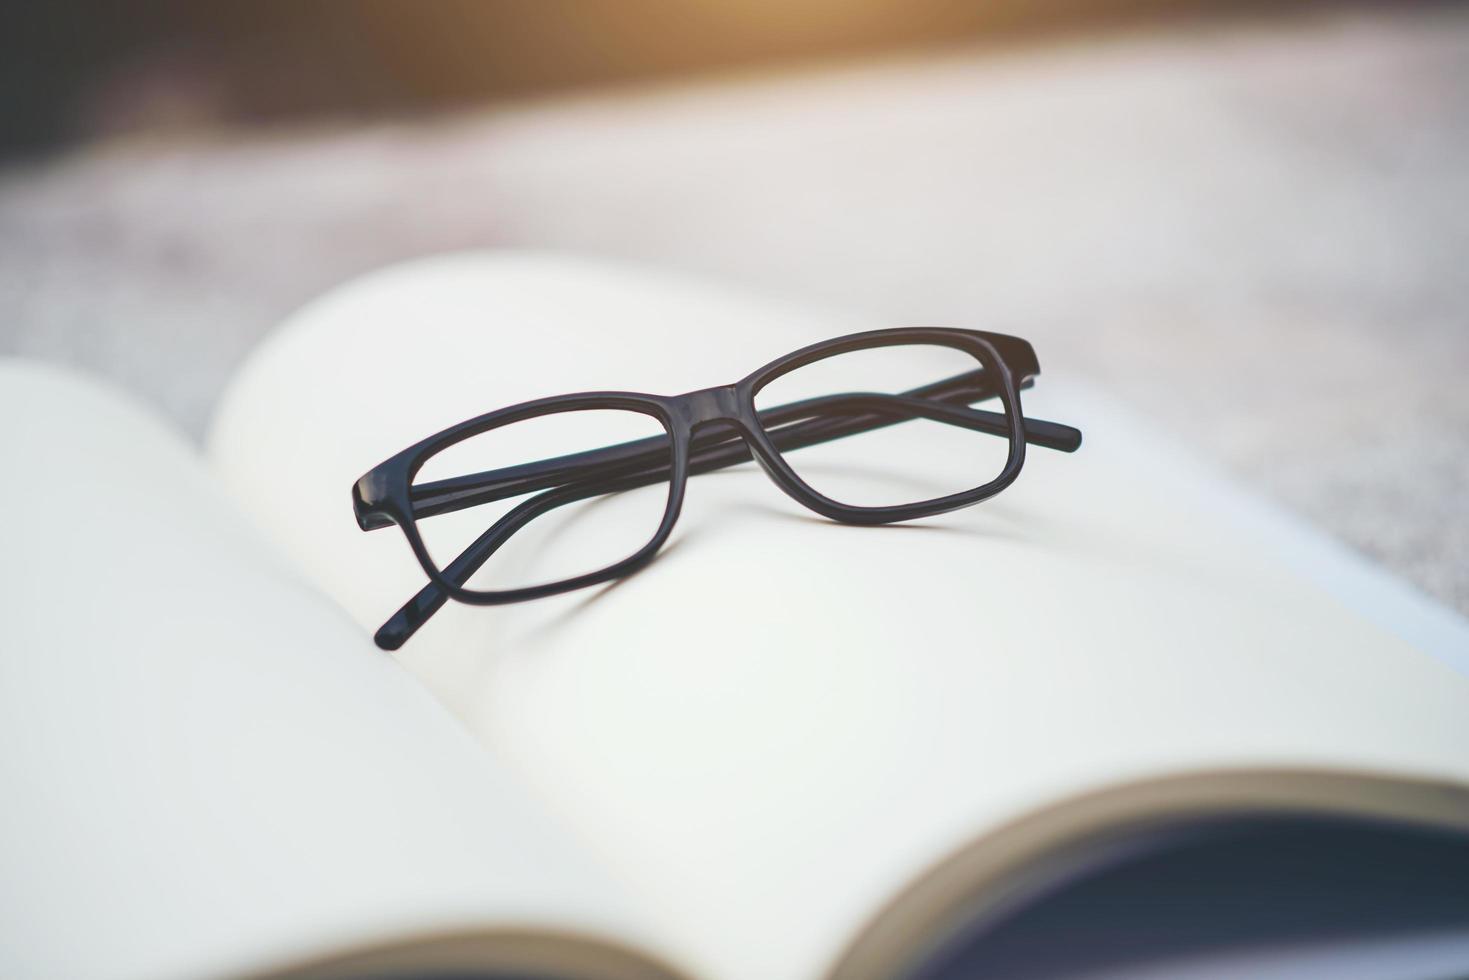 zwarte bril op een open boek foto